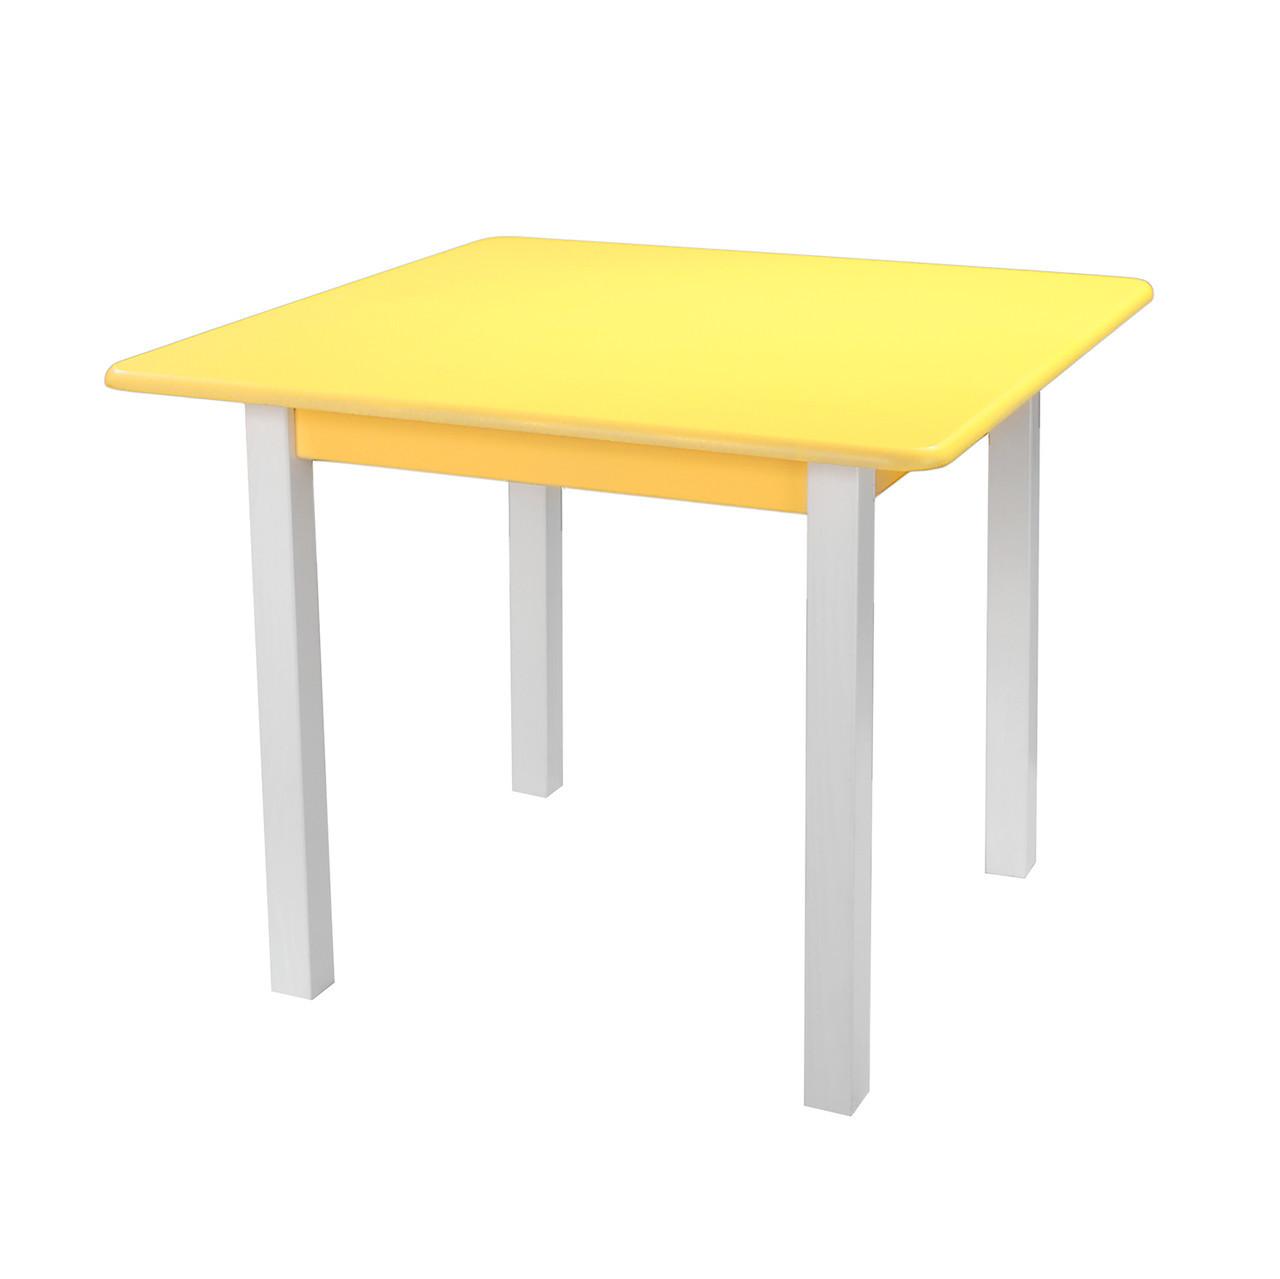 Столик детский из натурального дерева (сосна) Желтый